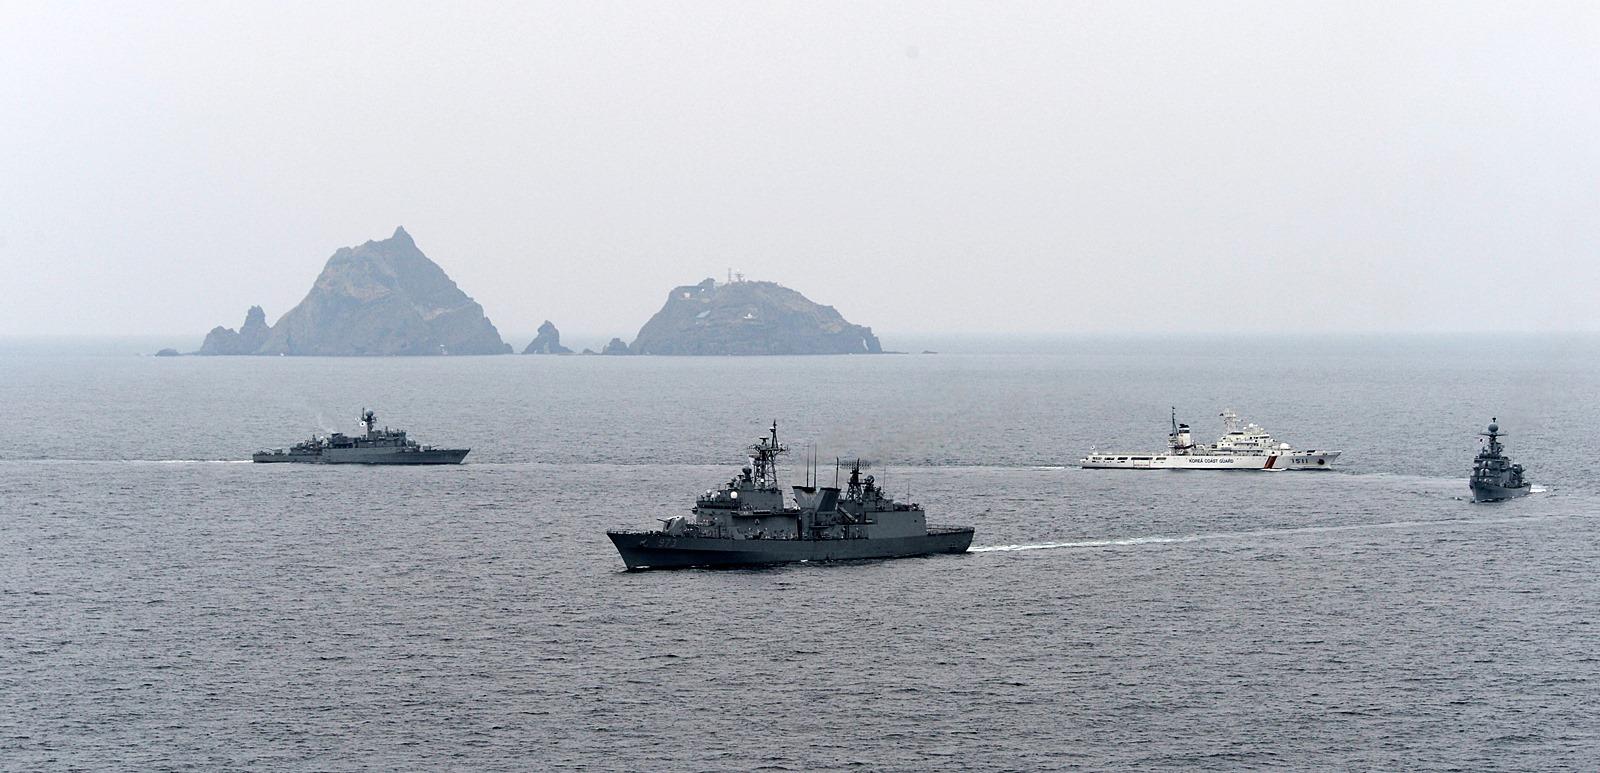 해군 독도방어 전술기동 훈련